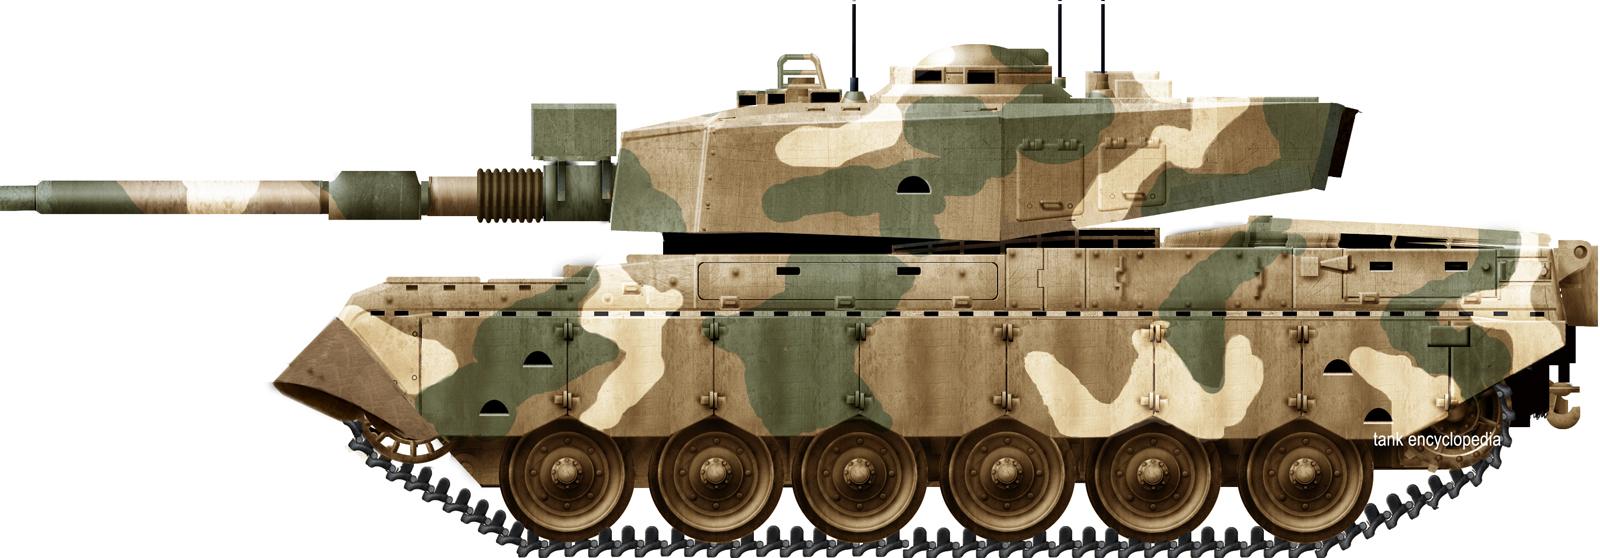 Olifant Mk1B Main Battle Tank